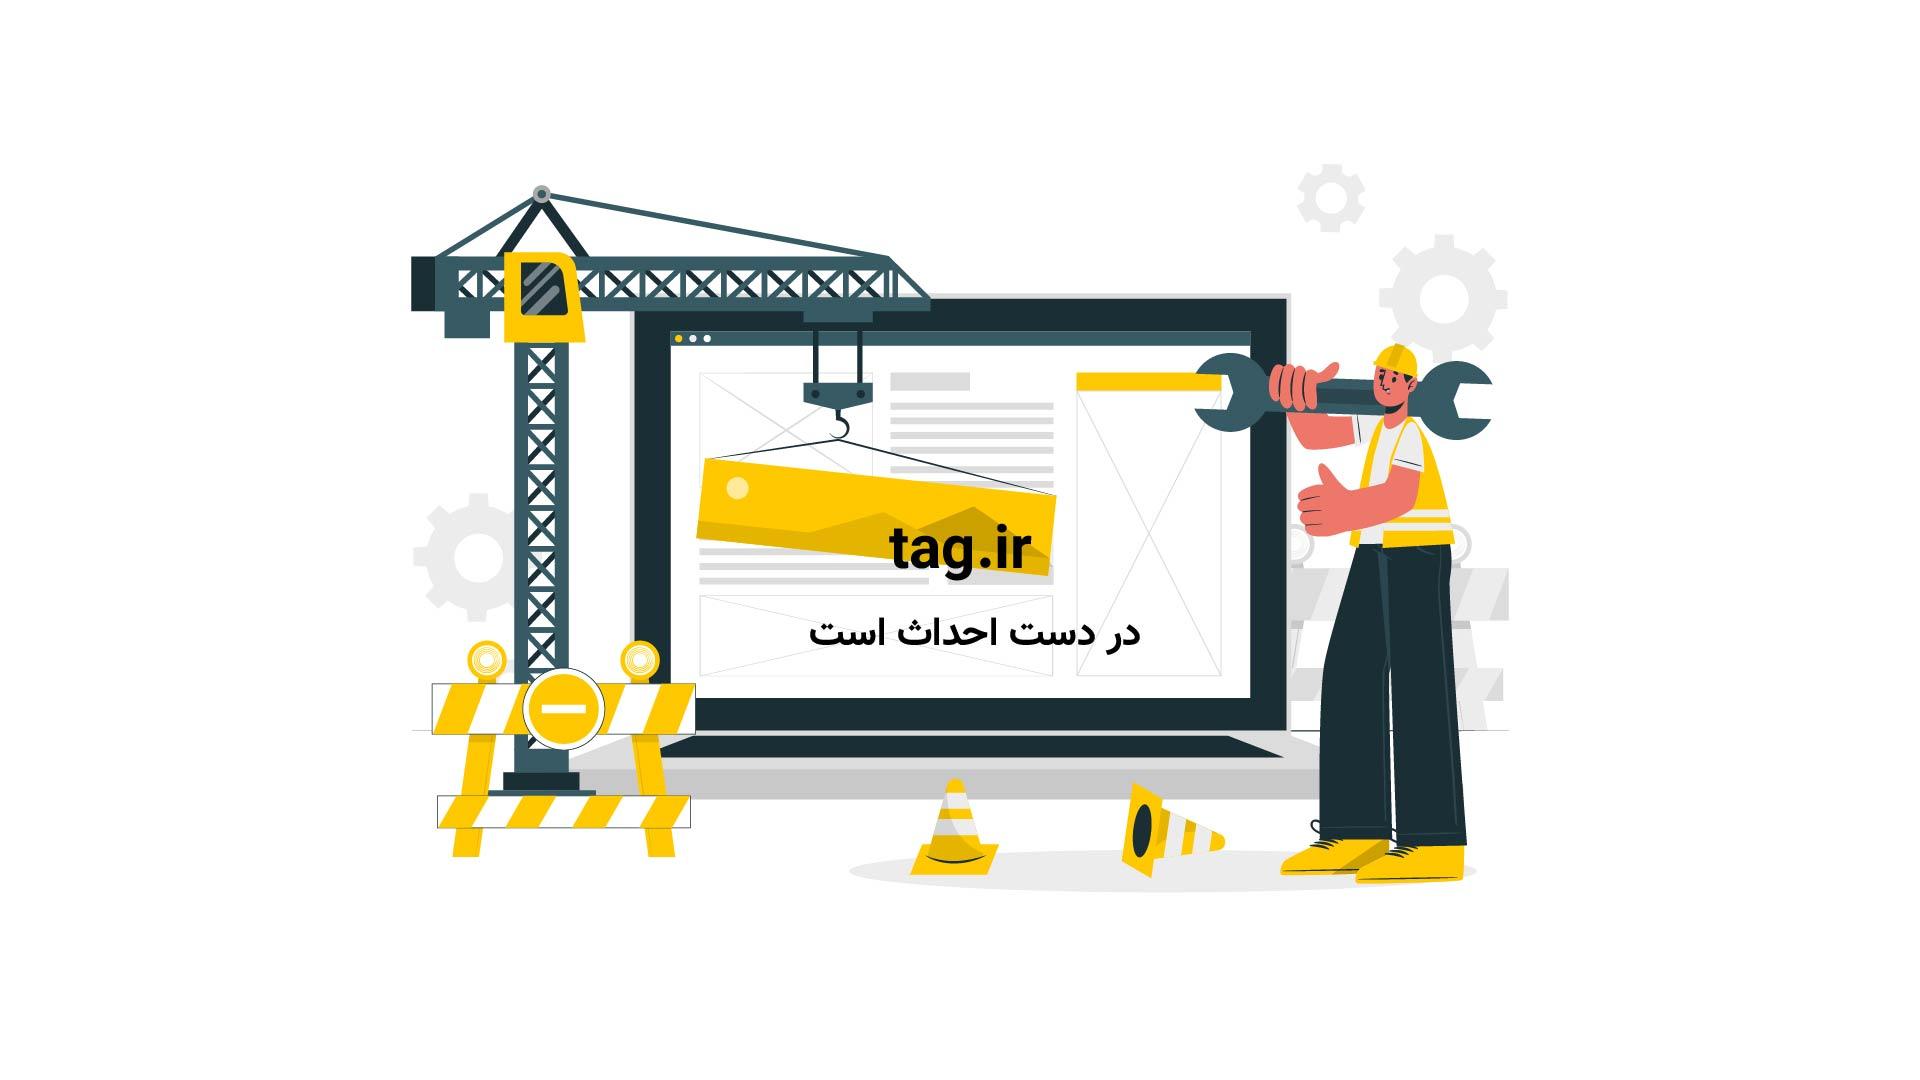 سگ عاشق | تگ